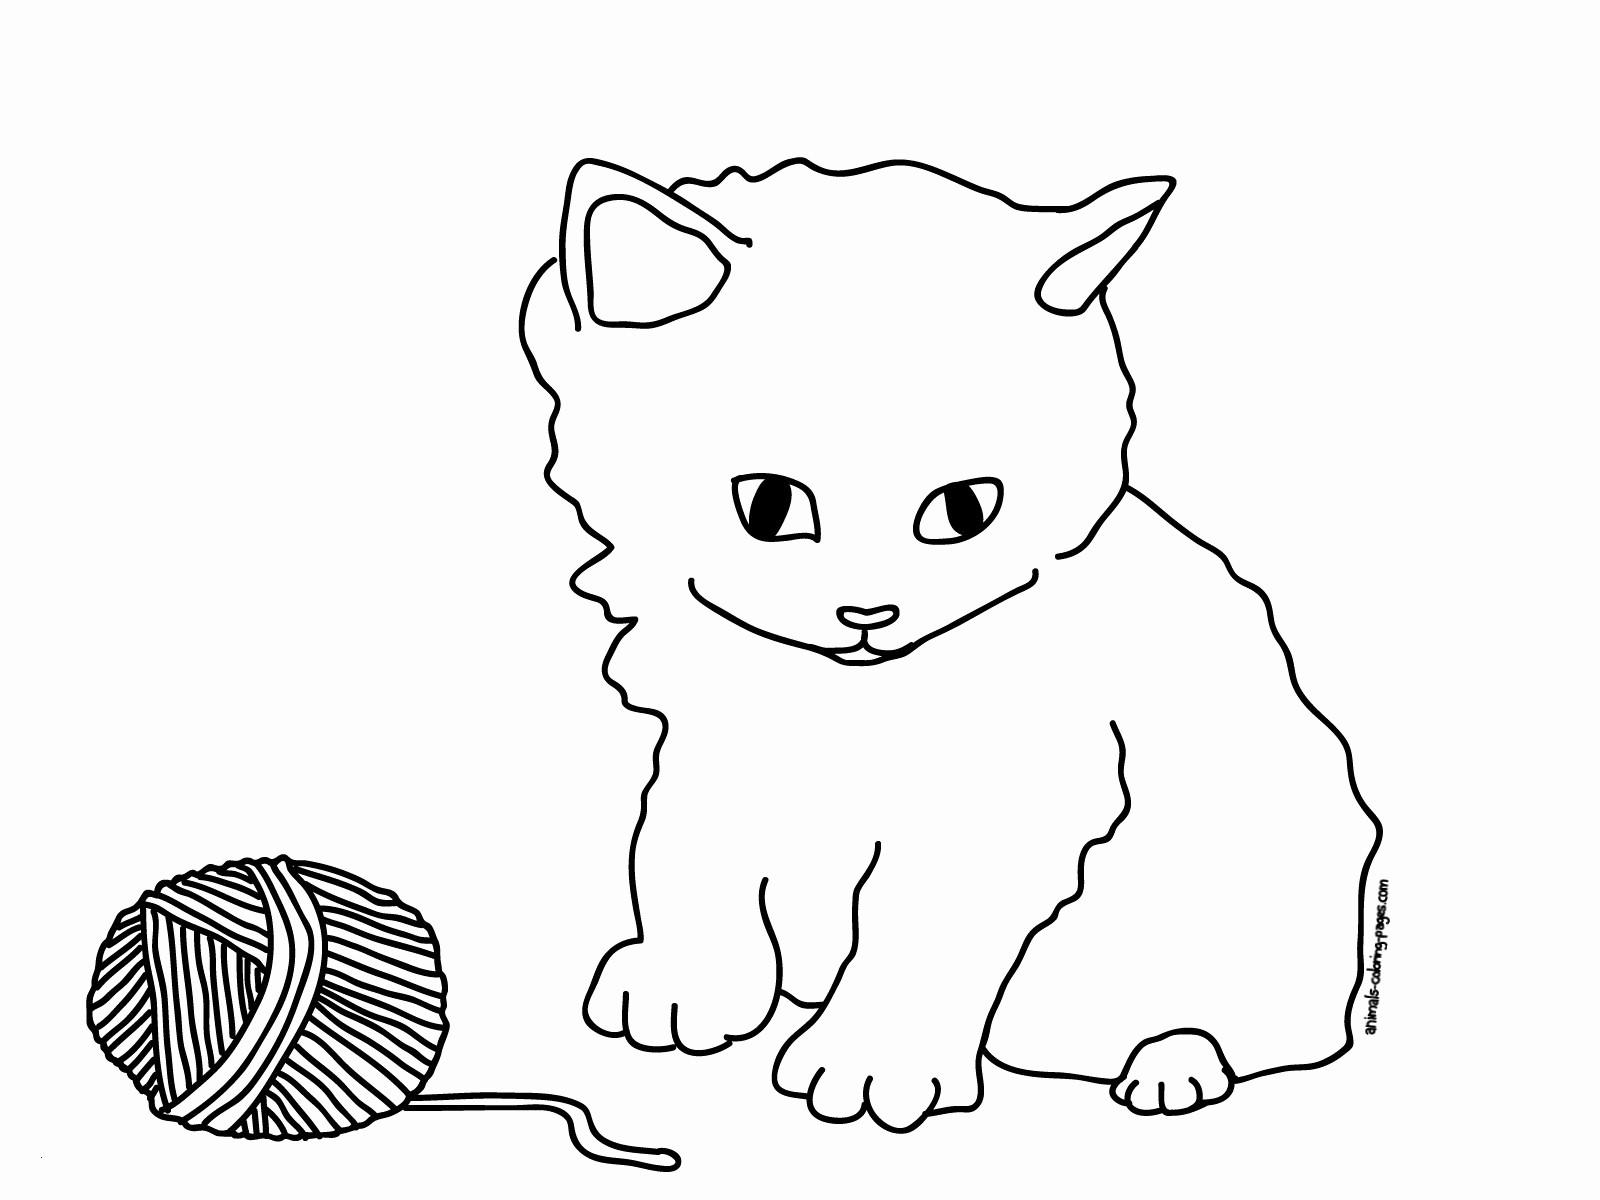 Katzenbilder Zum Ausdrucken Genial 33 Génial S De Katzen Bilder Zum Ausdrucken Kostenlos Bilder